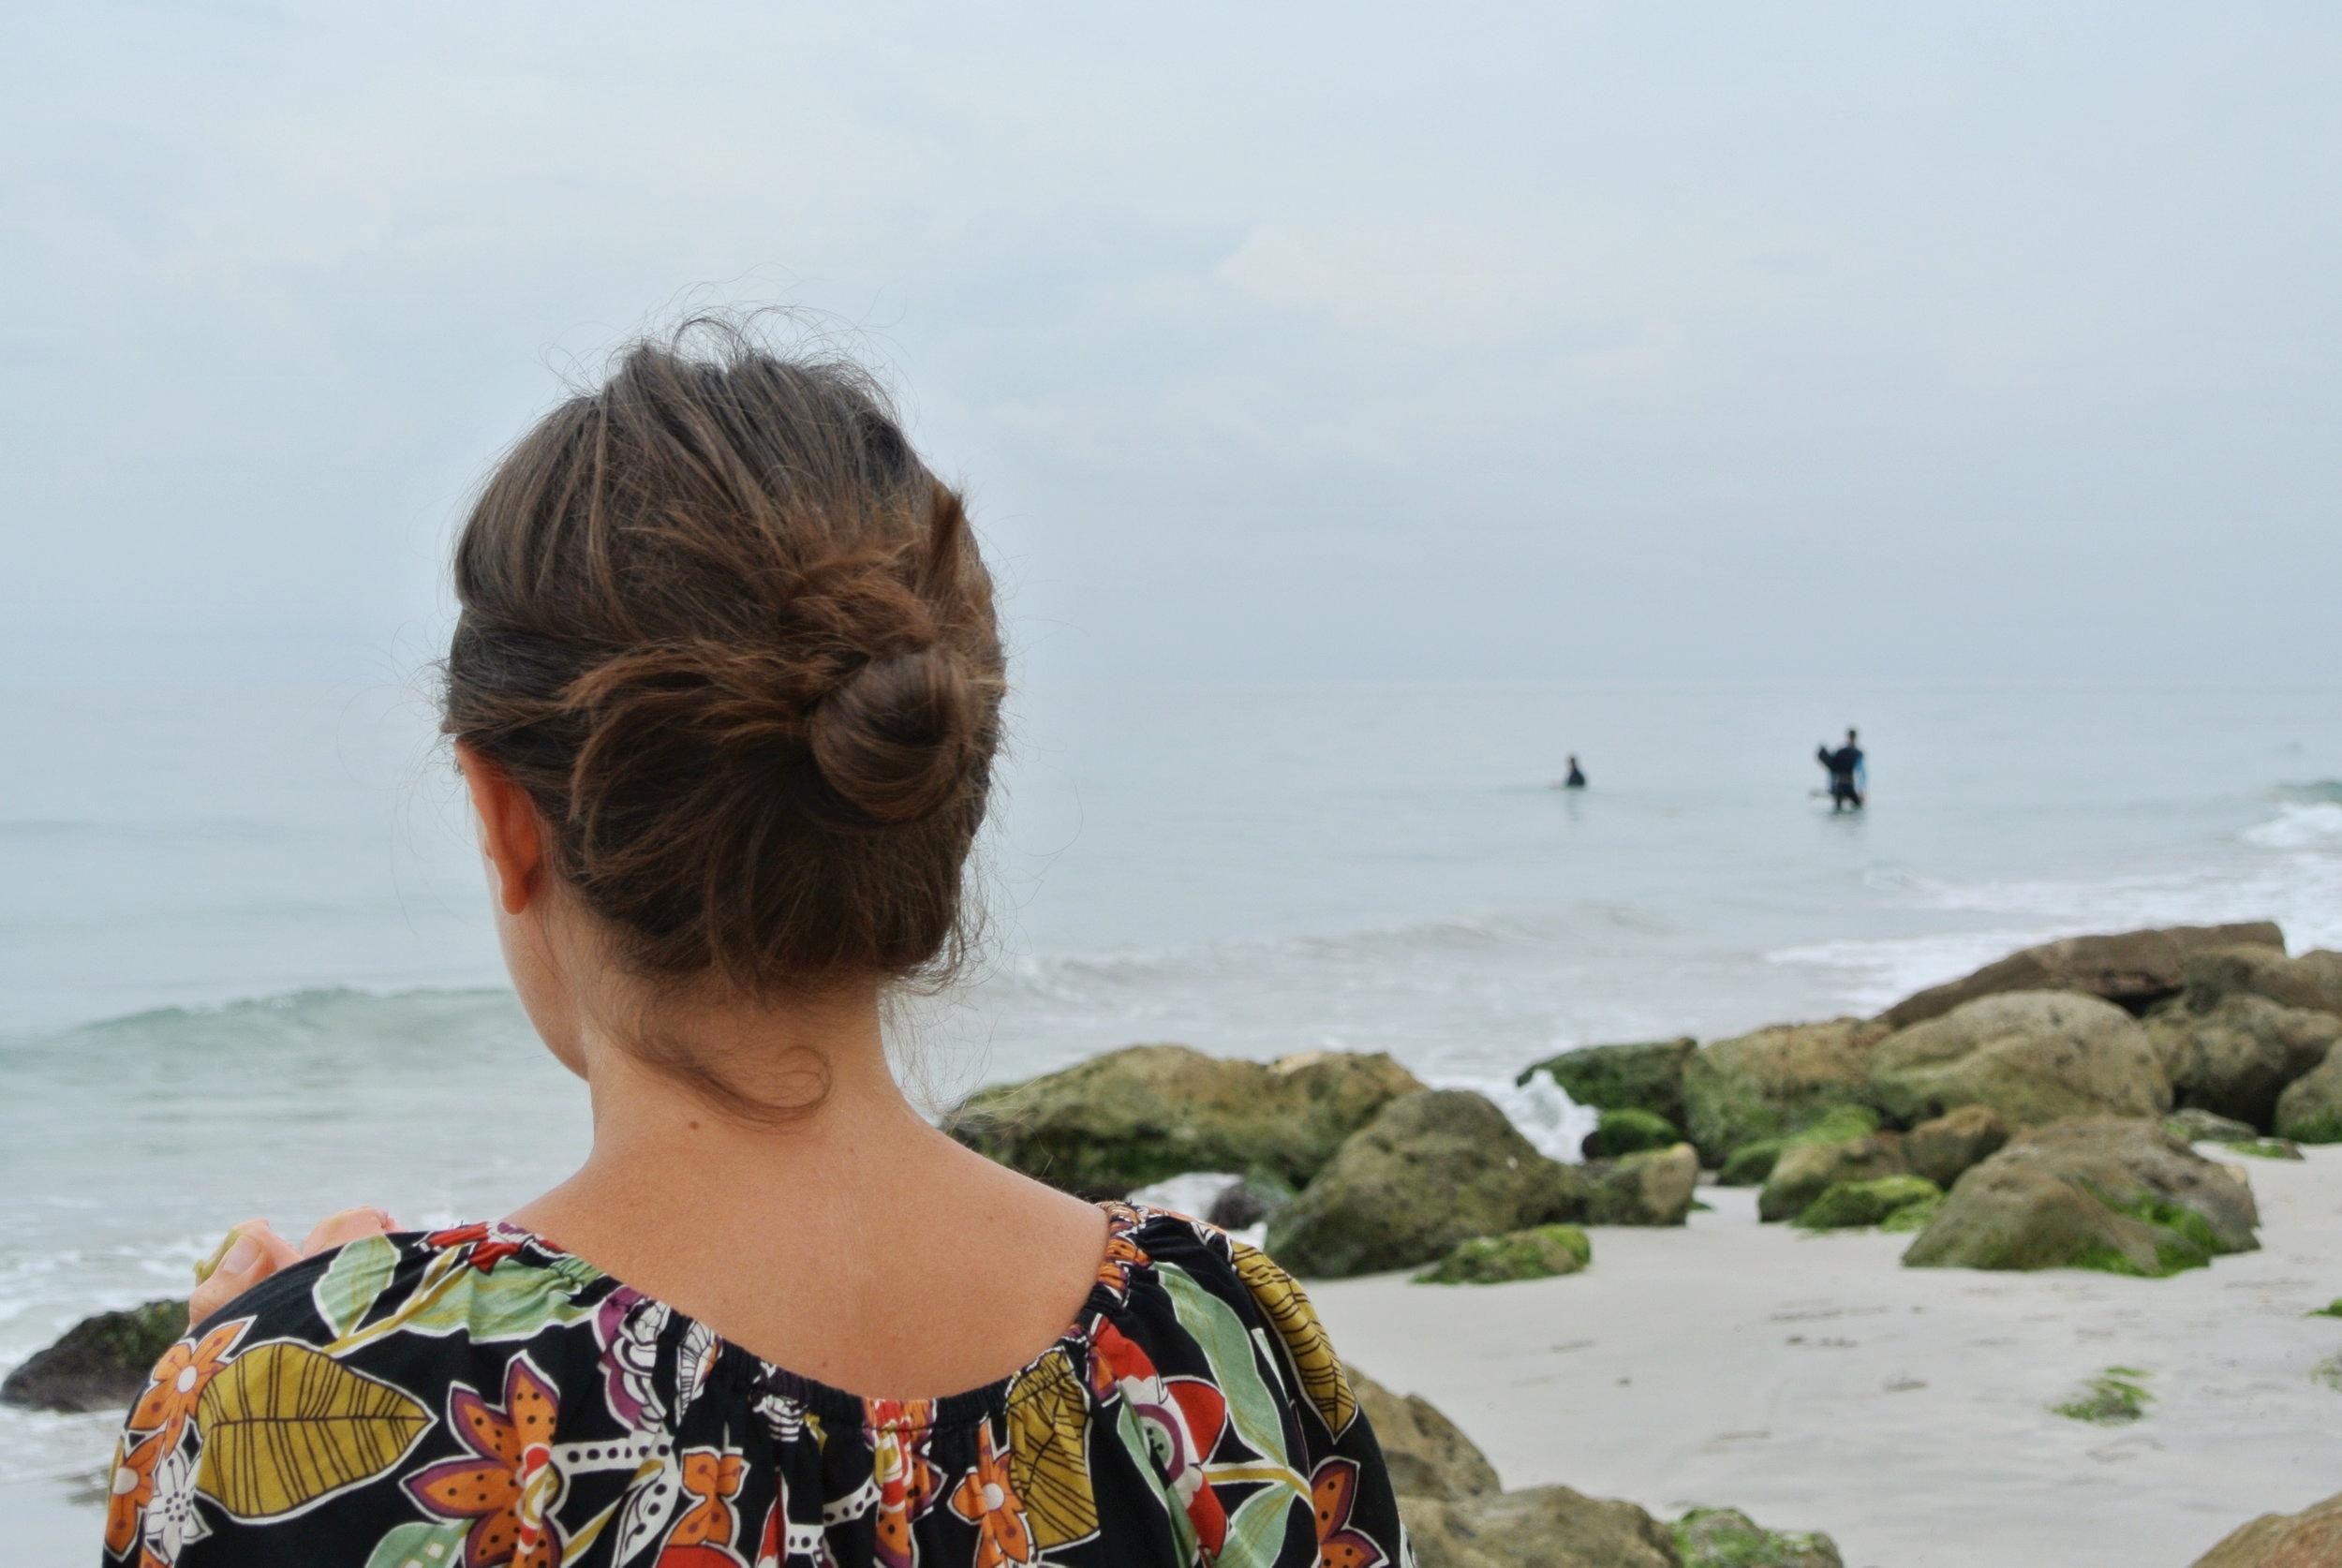 Kuba bjöd på grått väder men mängder av solmogna papayor.